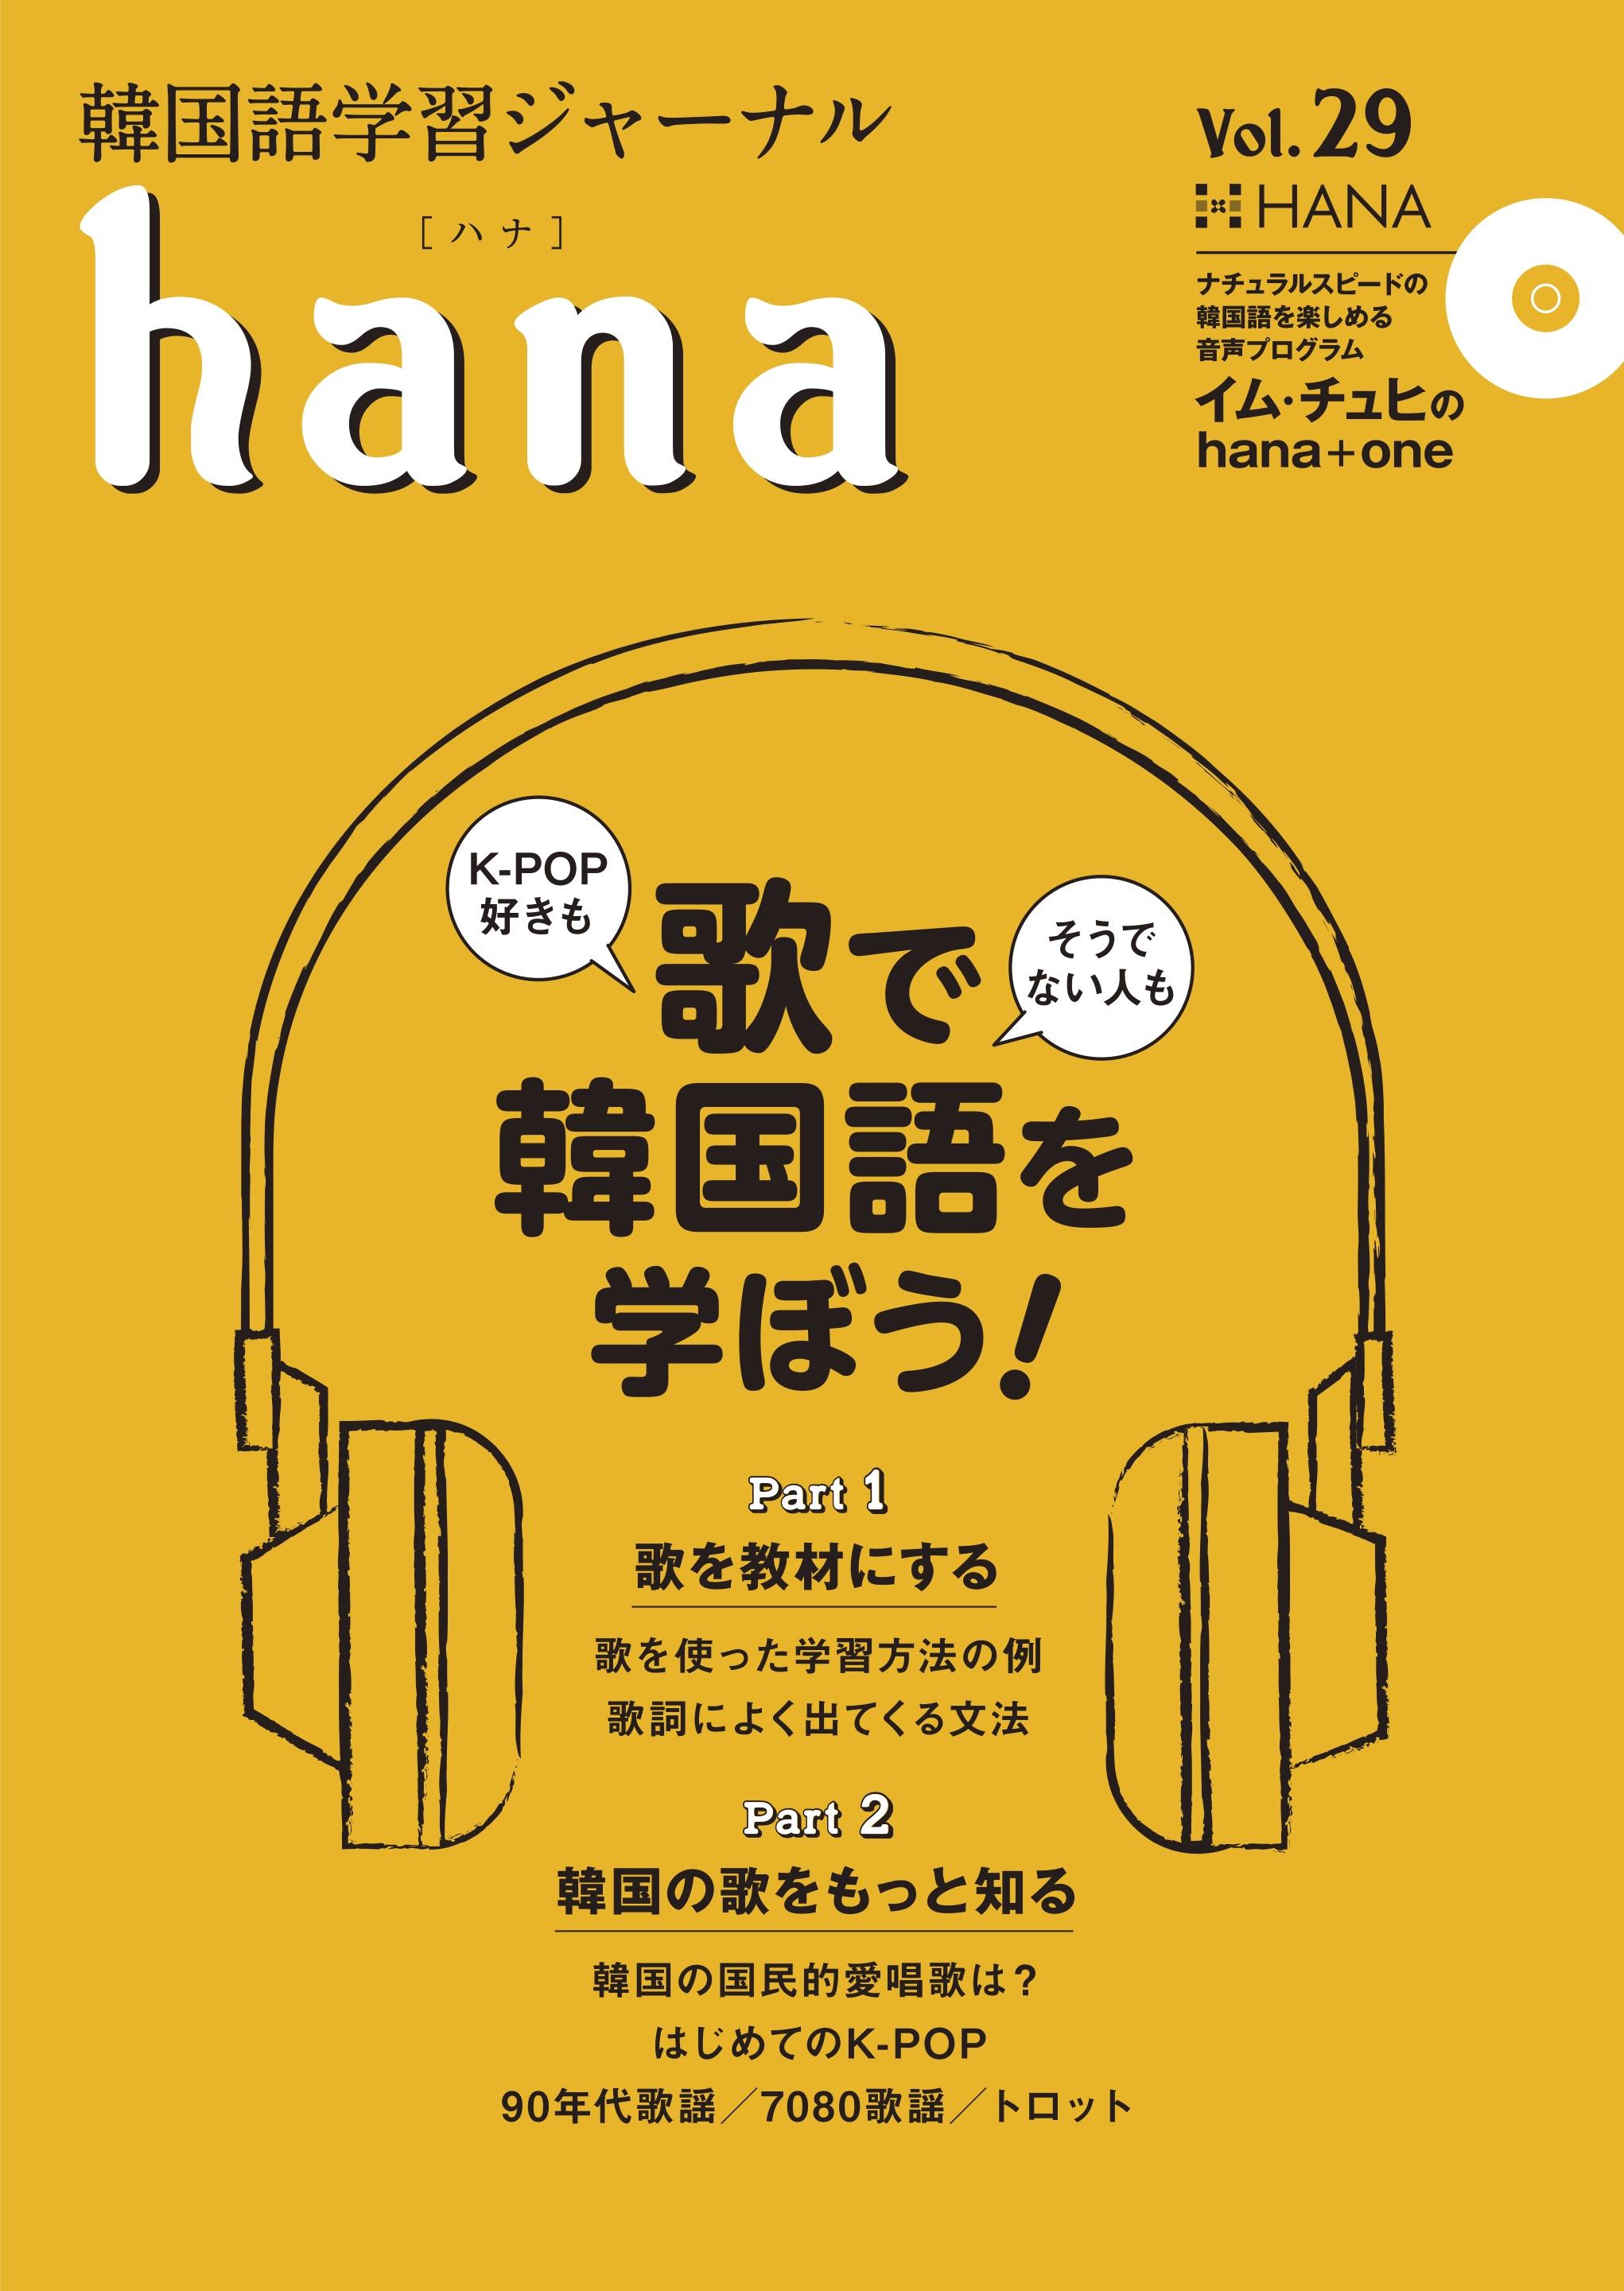 『韓国語学習ジャーナルhana Vol. 29』のイメージ